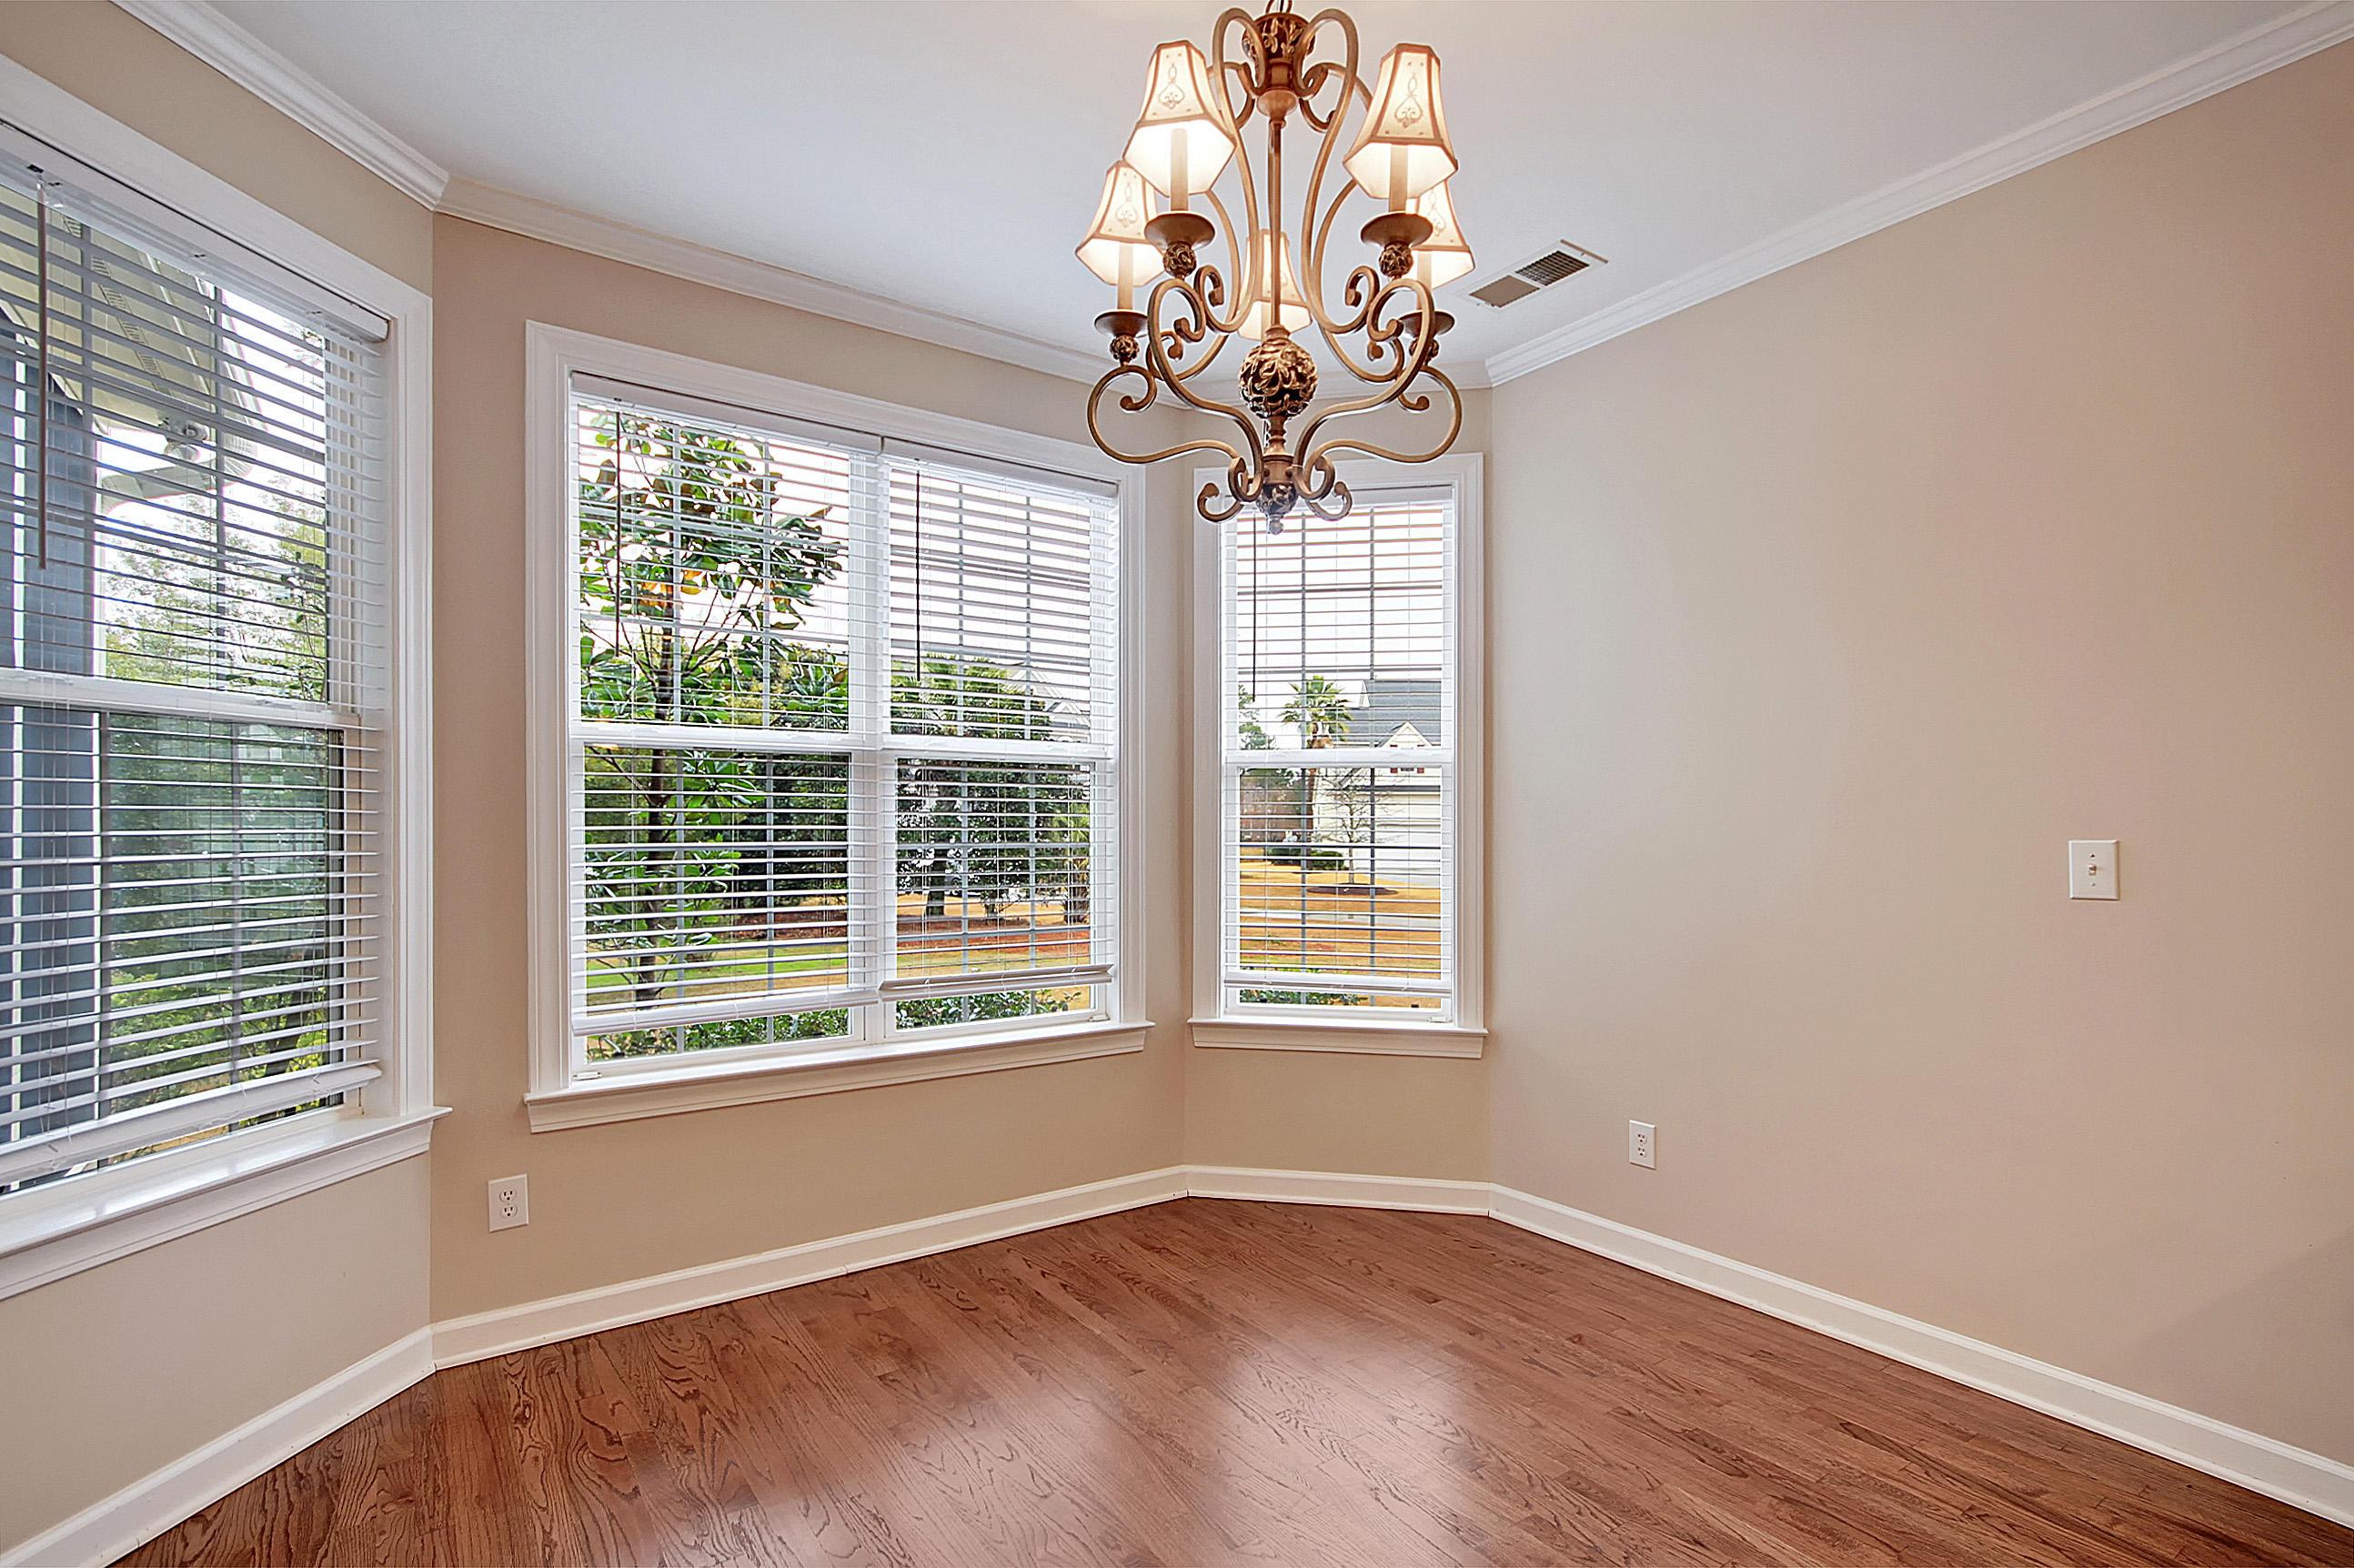 Dunes West Homes For Sale - 1501 Jacaranda, Mount Pleasant, SC - 15